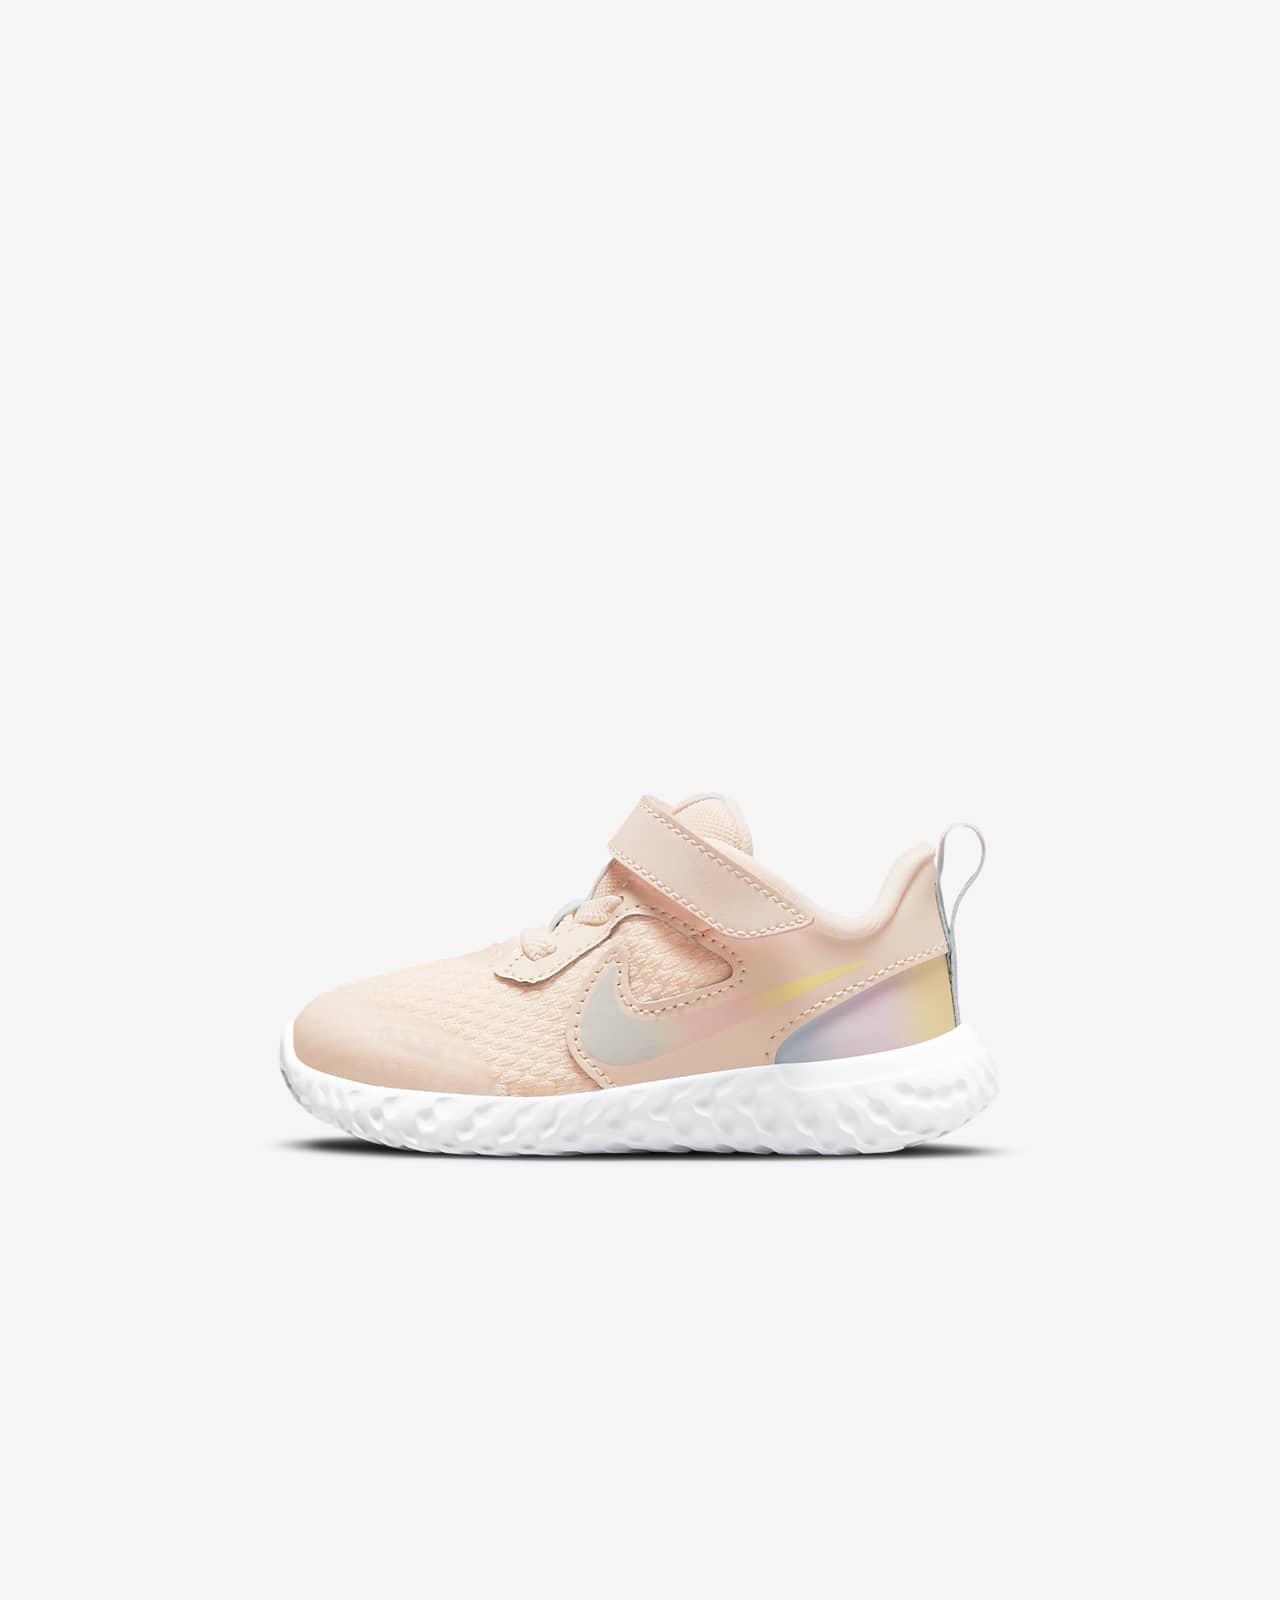 Calzado para bebé e infantil Nike Revolution 5 SE